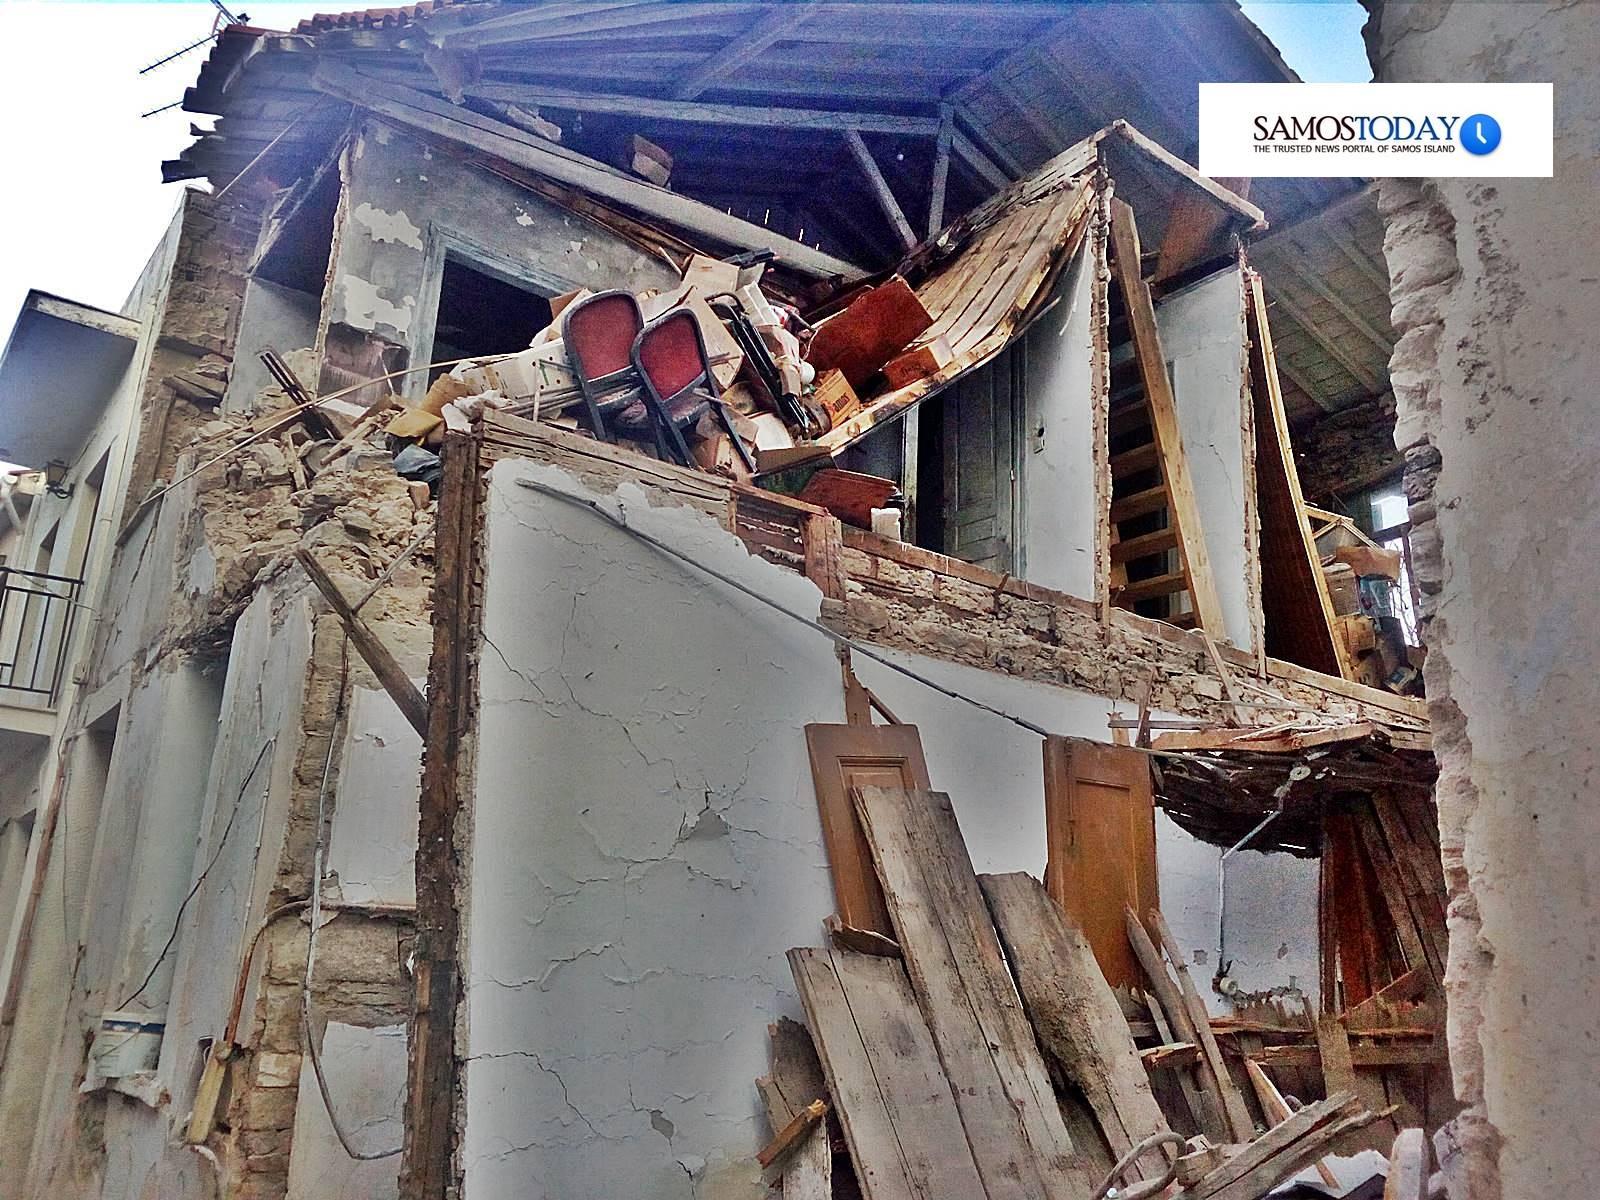 Προδιαγεγραμμένο έγκλημα η τραγωδία! Δεν έδωσαν προτεραιότητα στην αντισεισμική προστασία!